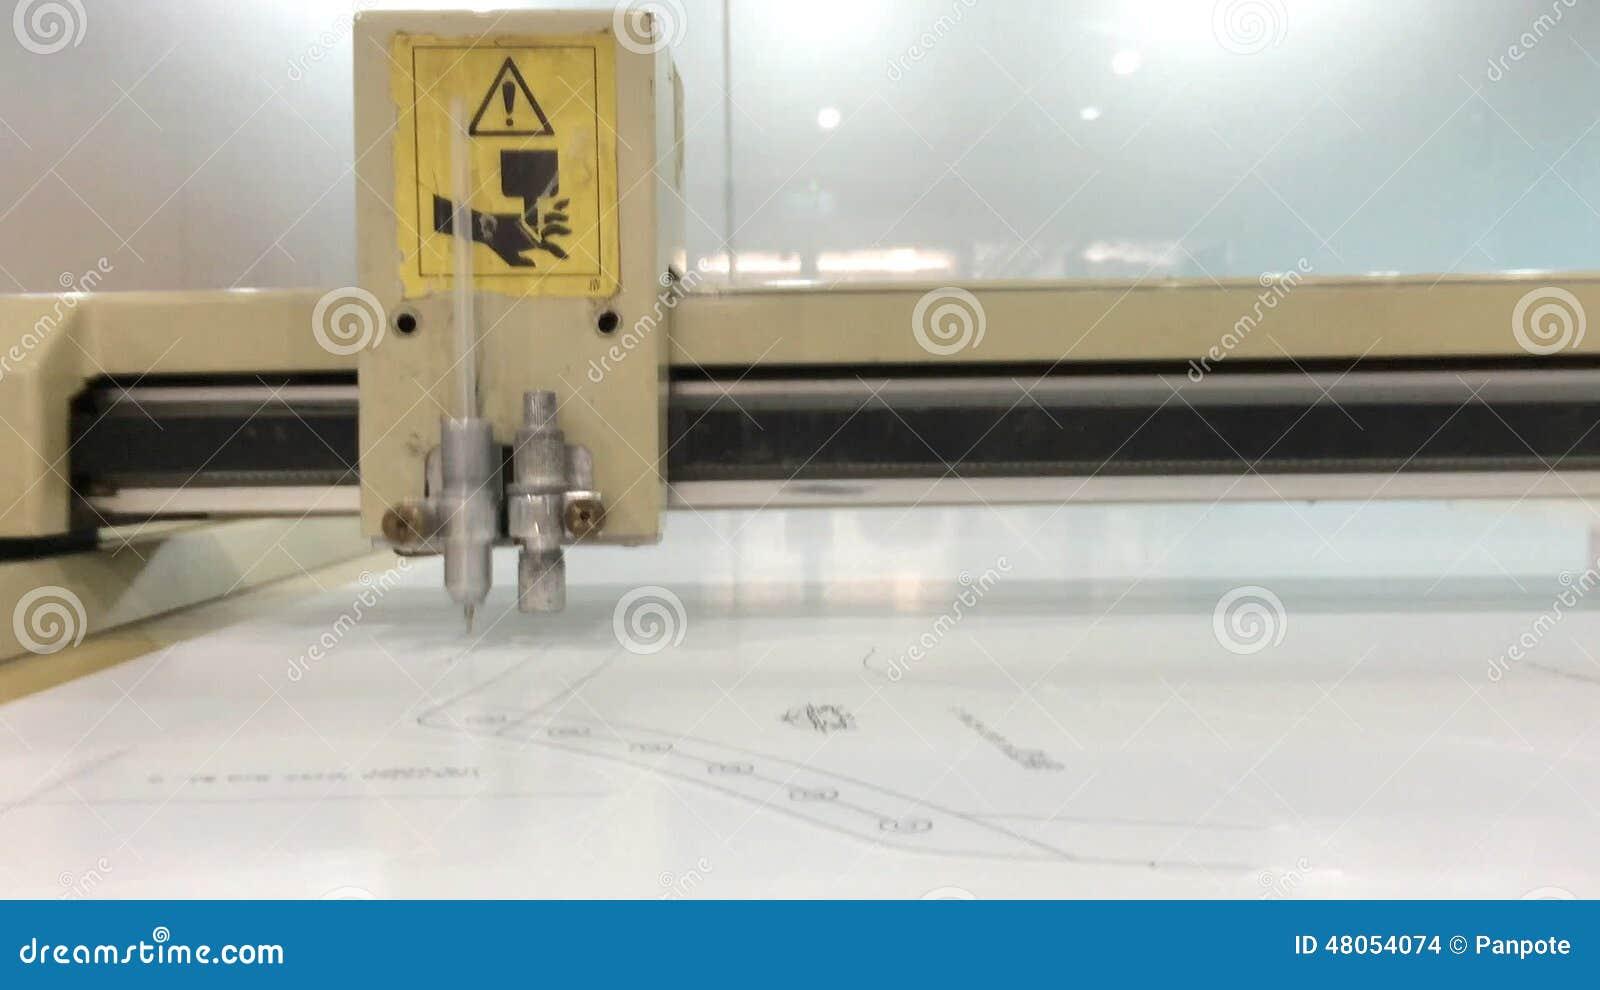 paper cutting machine stock video video 48055615 paper cutting machine stock video footage